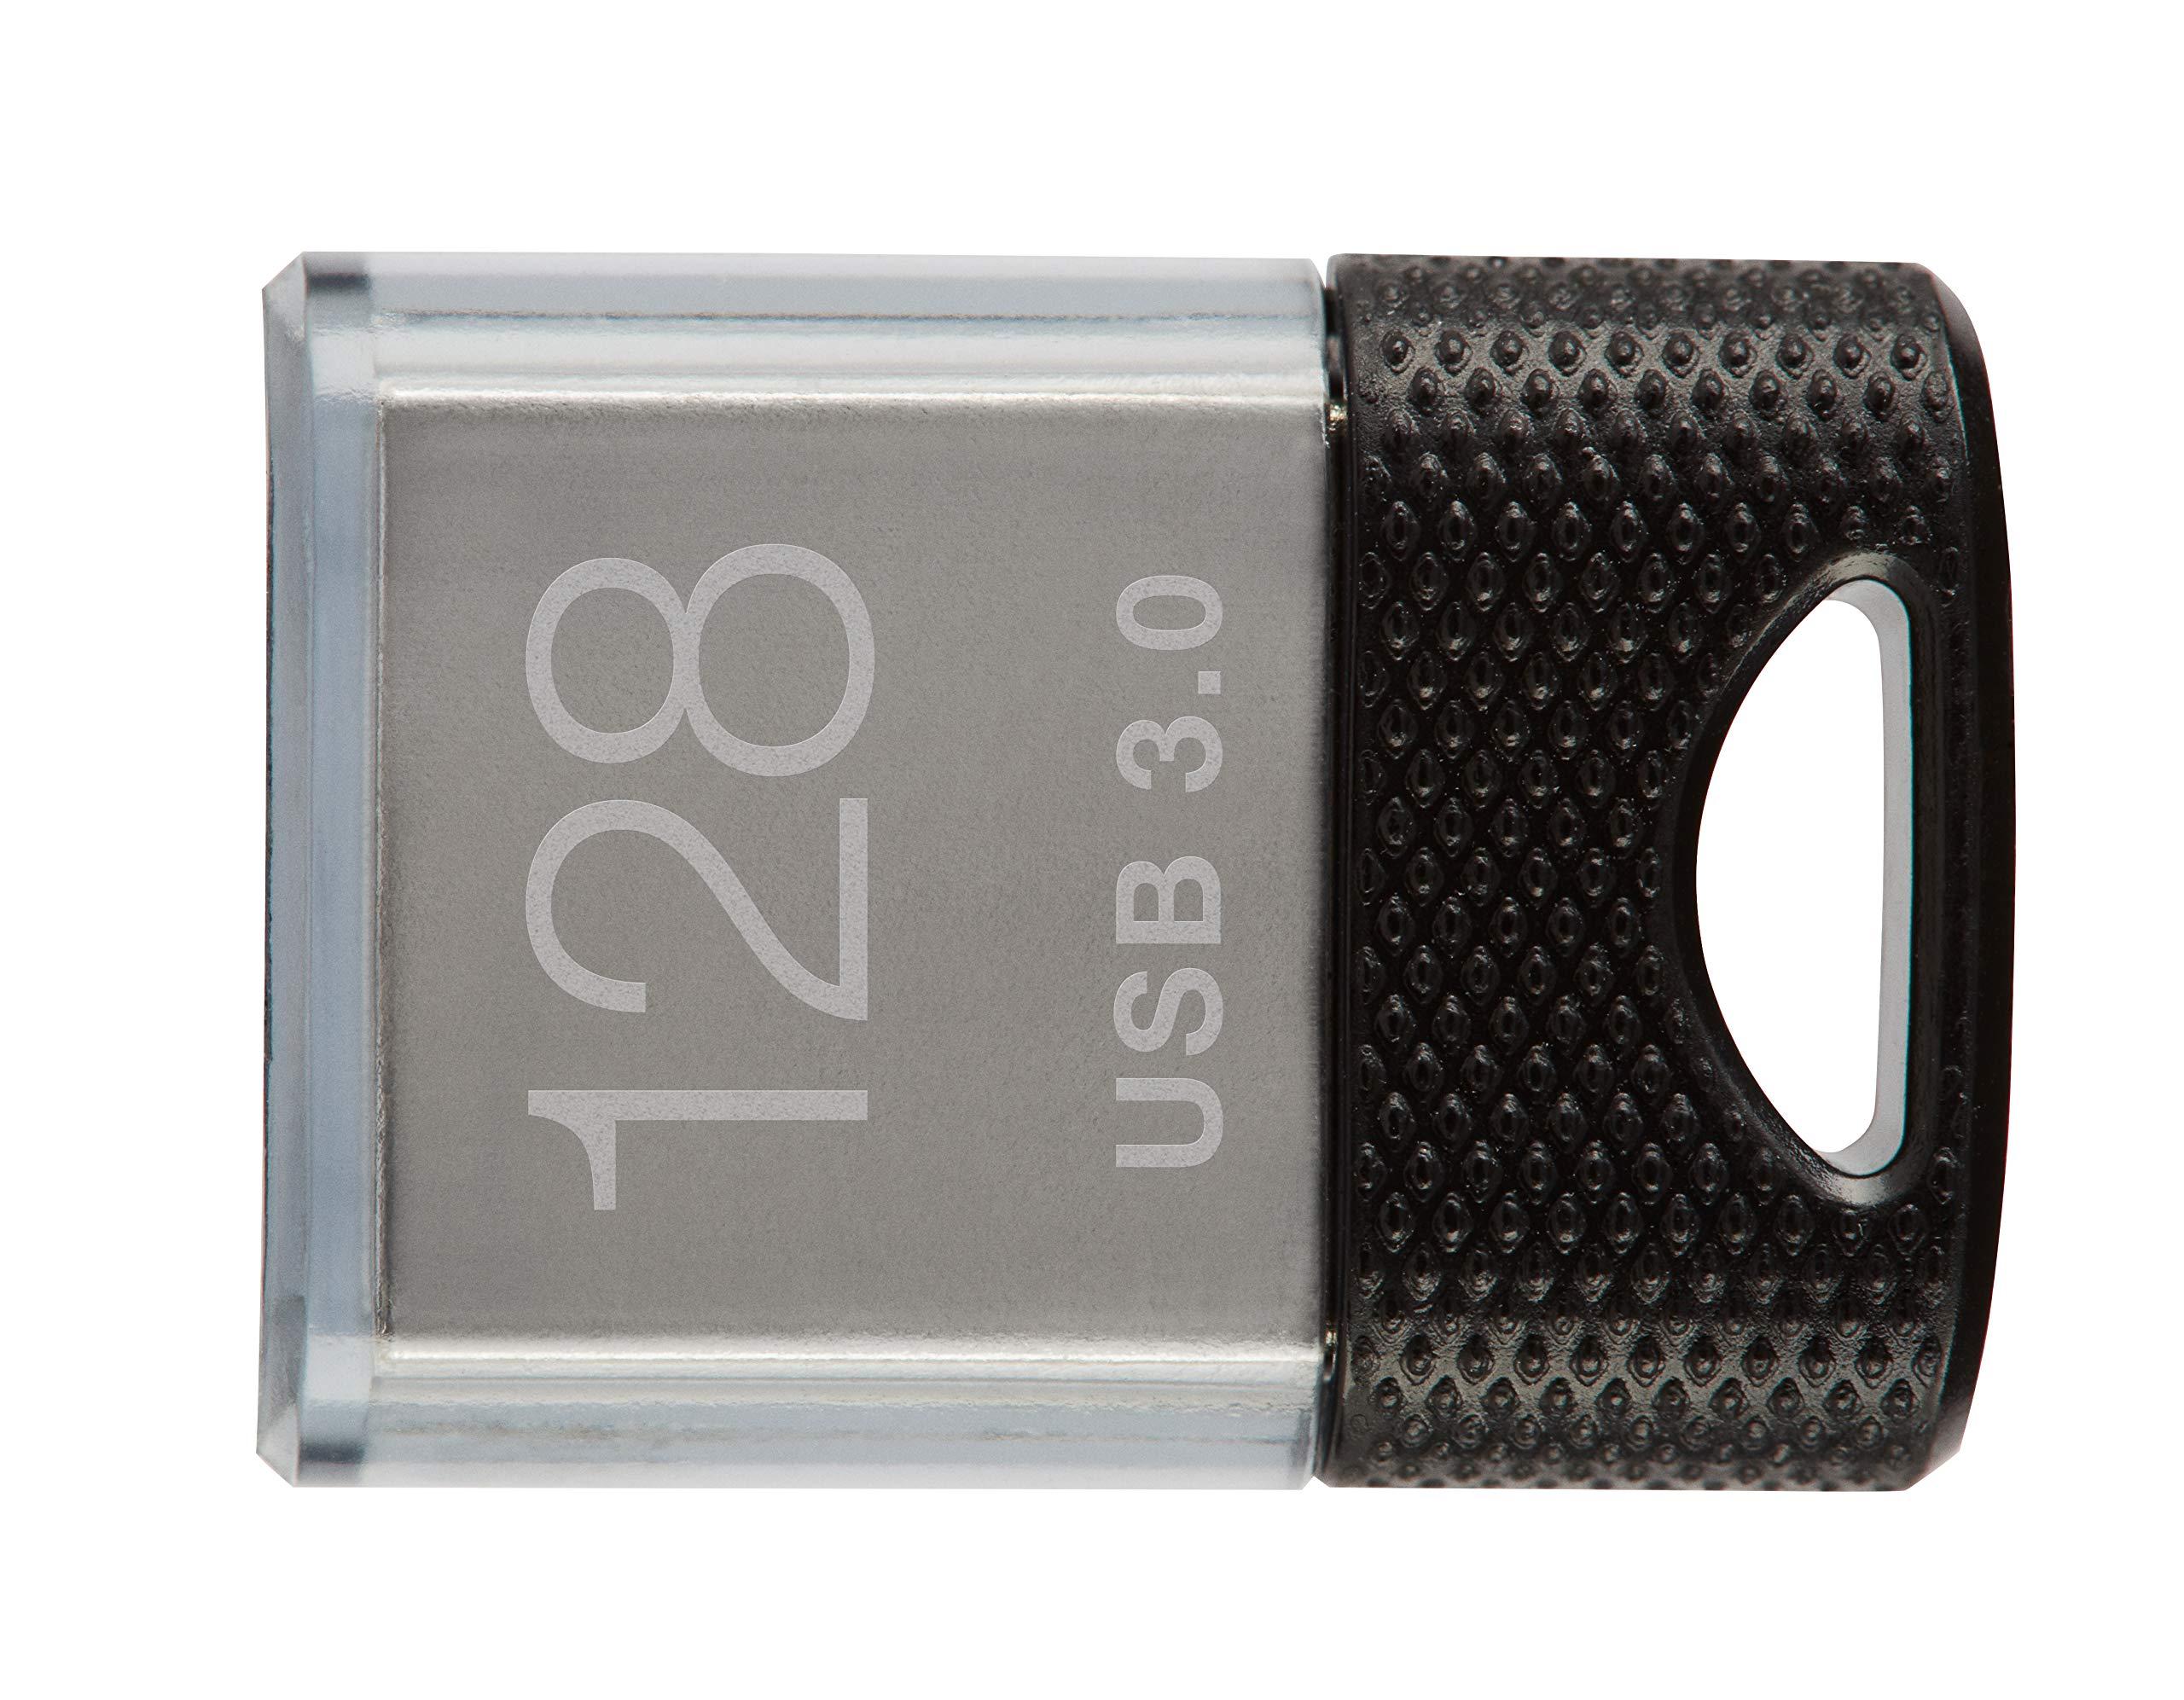 Pendrive PNY 128GB Elite-X Fit USB 3.0